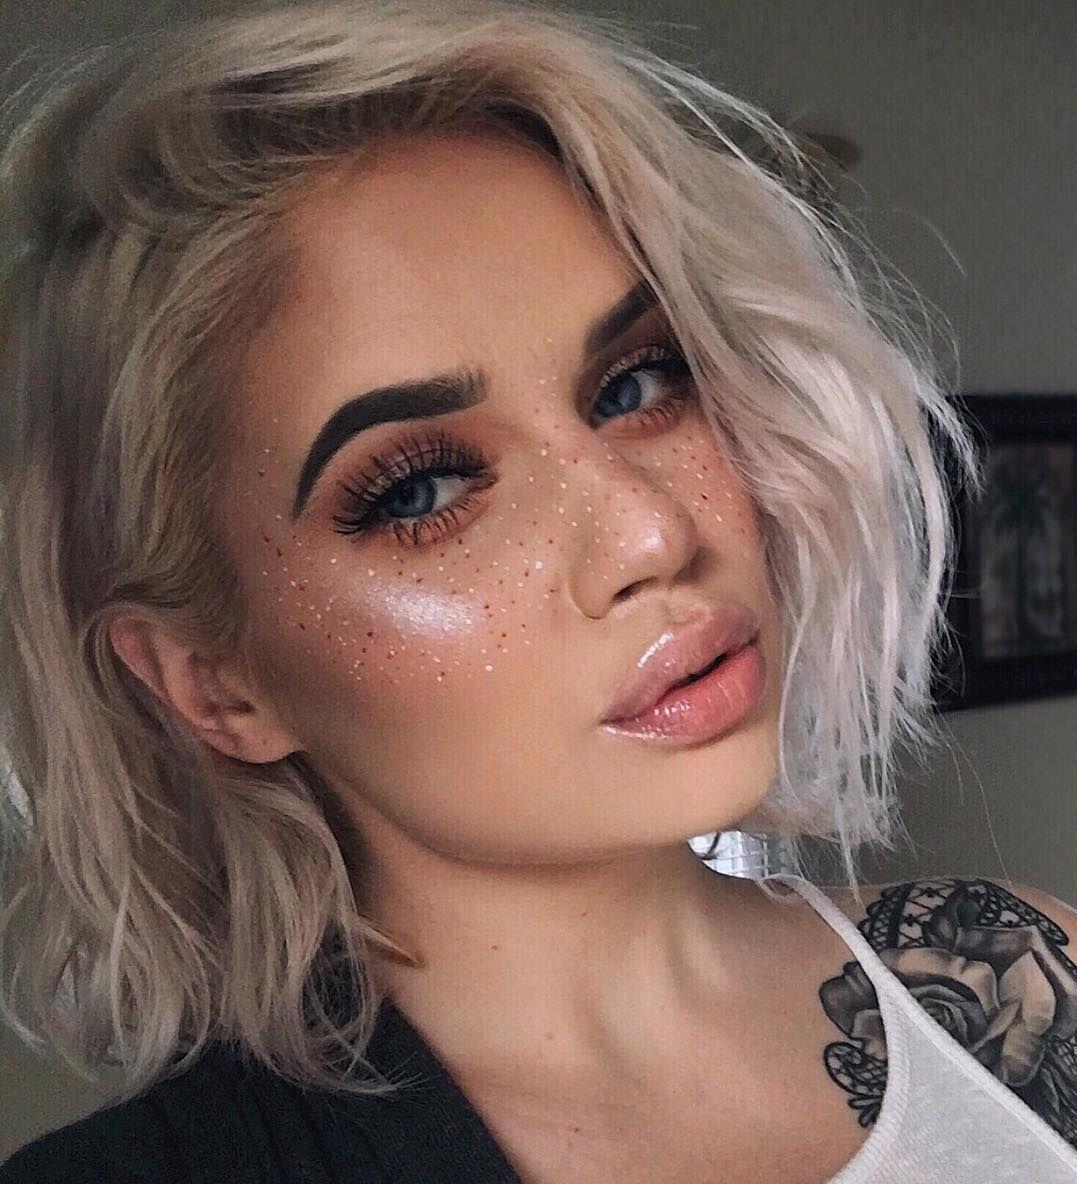 22 Breathtaking Makeup ideas found on Instagram